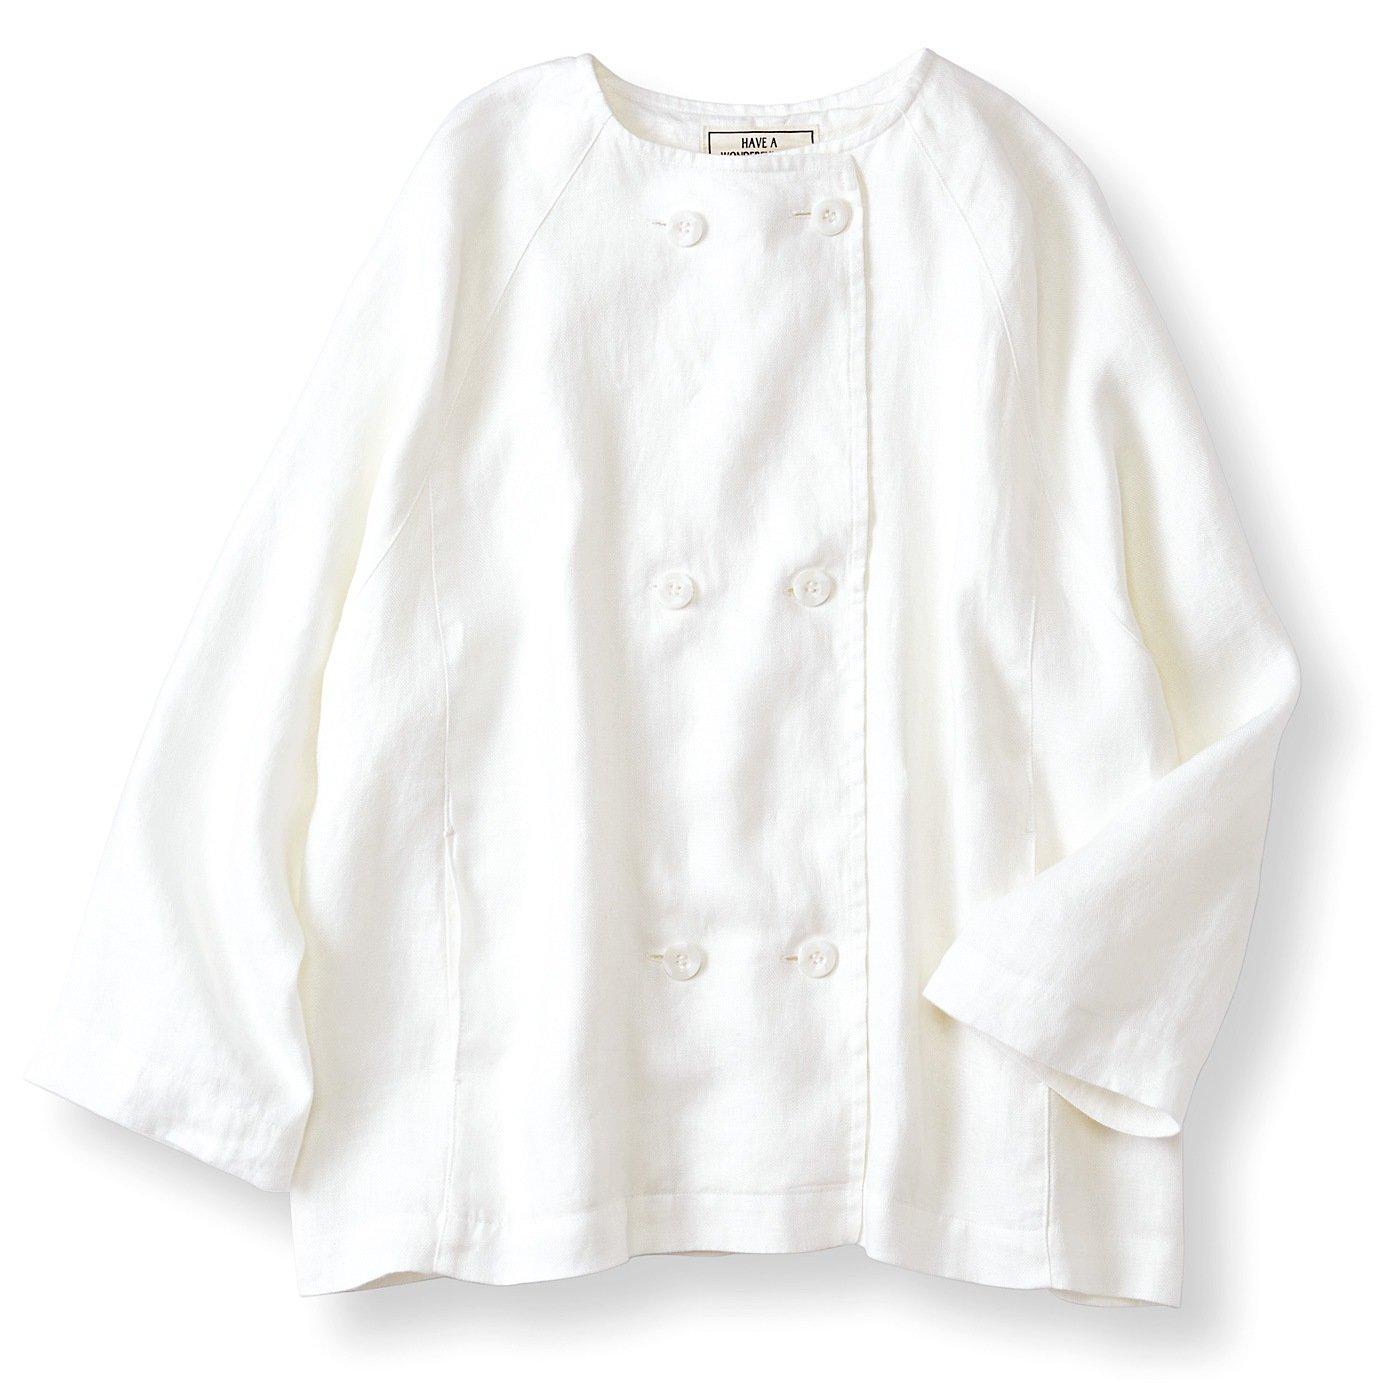 リブ イン コンフォート はまじとコラボ 洗いをかけた軽い着心地のこなれ麻ジャケット〈ホワイト〉